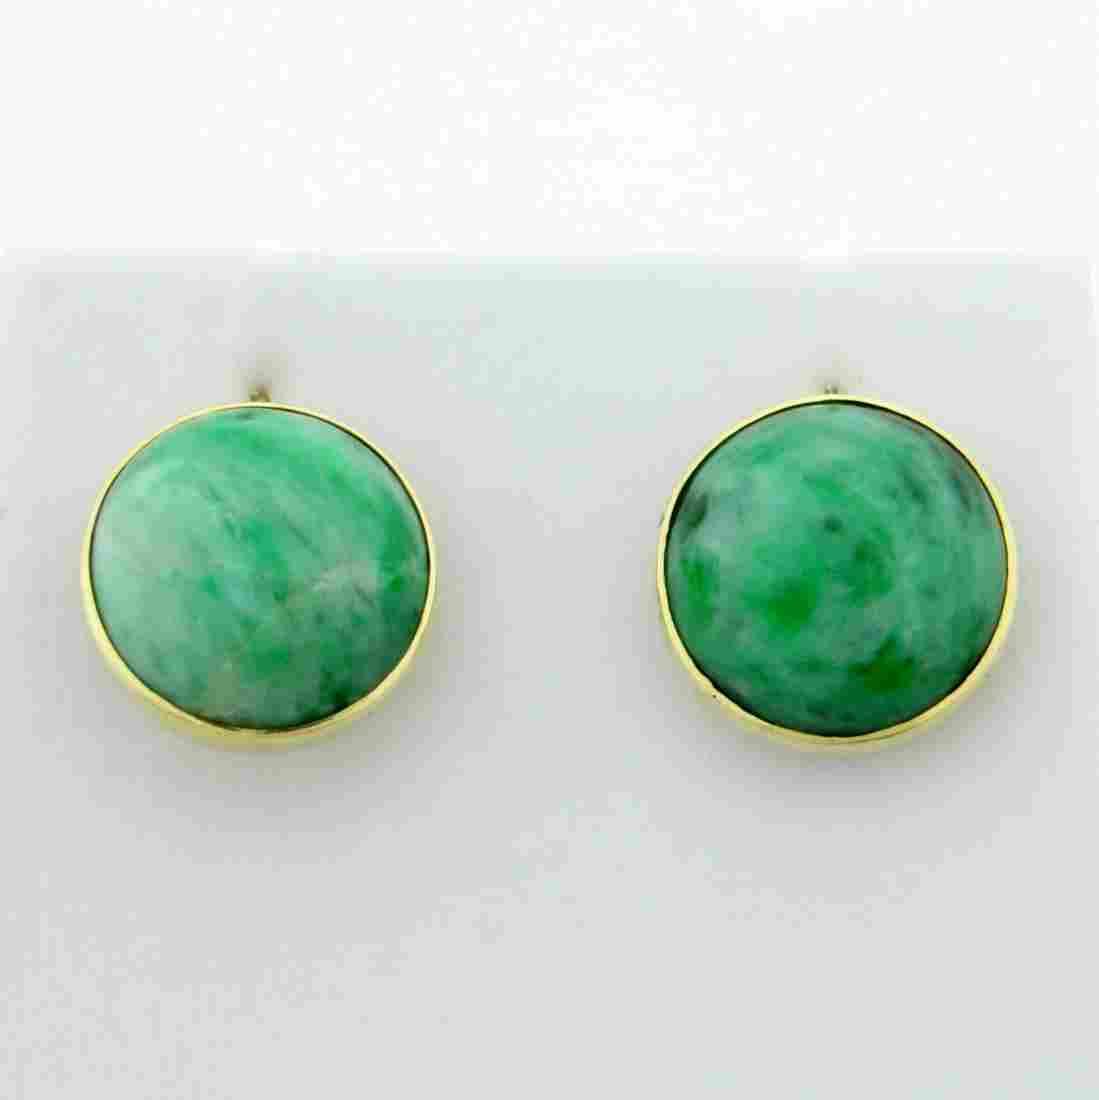 Vintage Natural Jade Screw-back Earrings in 14K Yellow